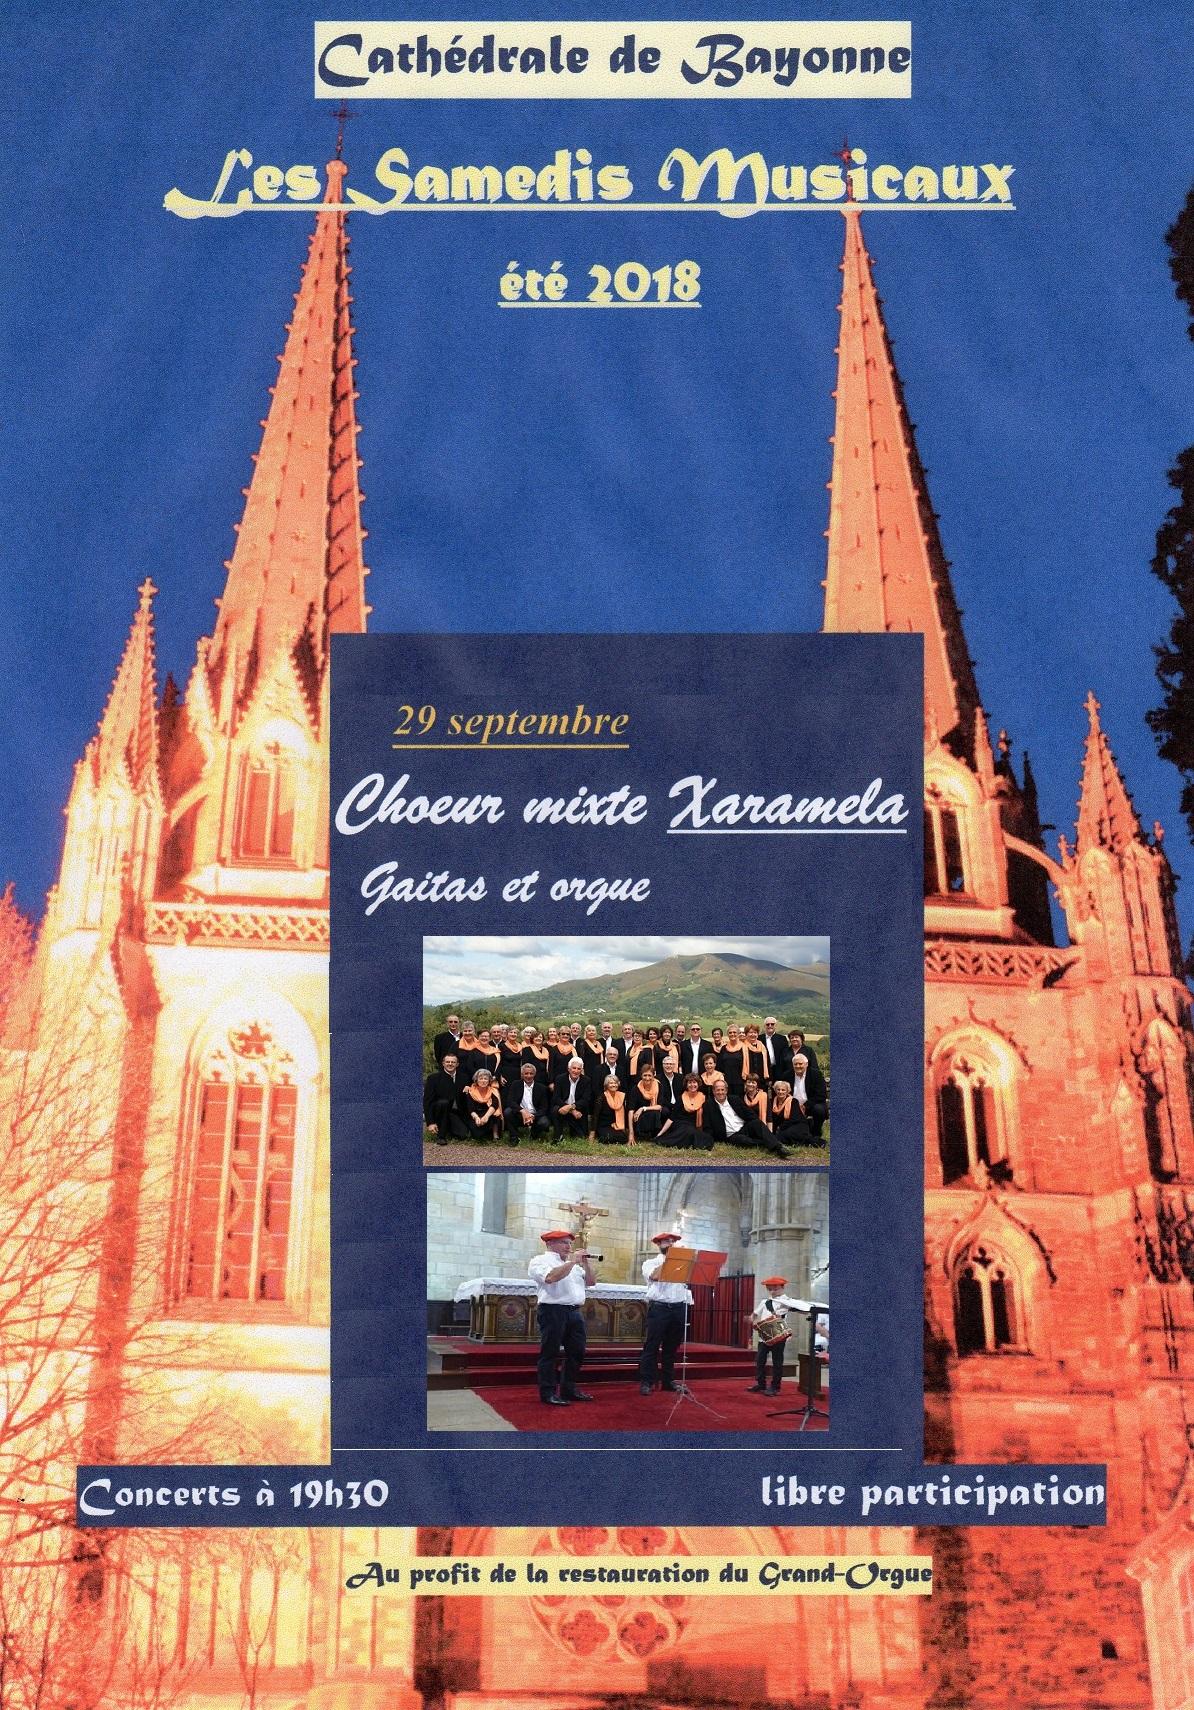 Concert du choeur XARAMELA à la cathédrale de Bayonne (64) le 29 septembre 2018